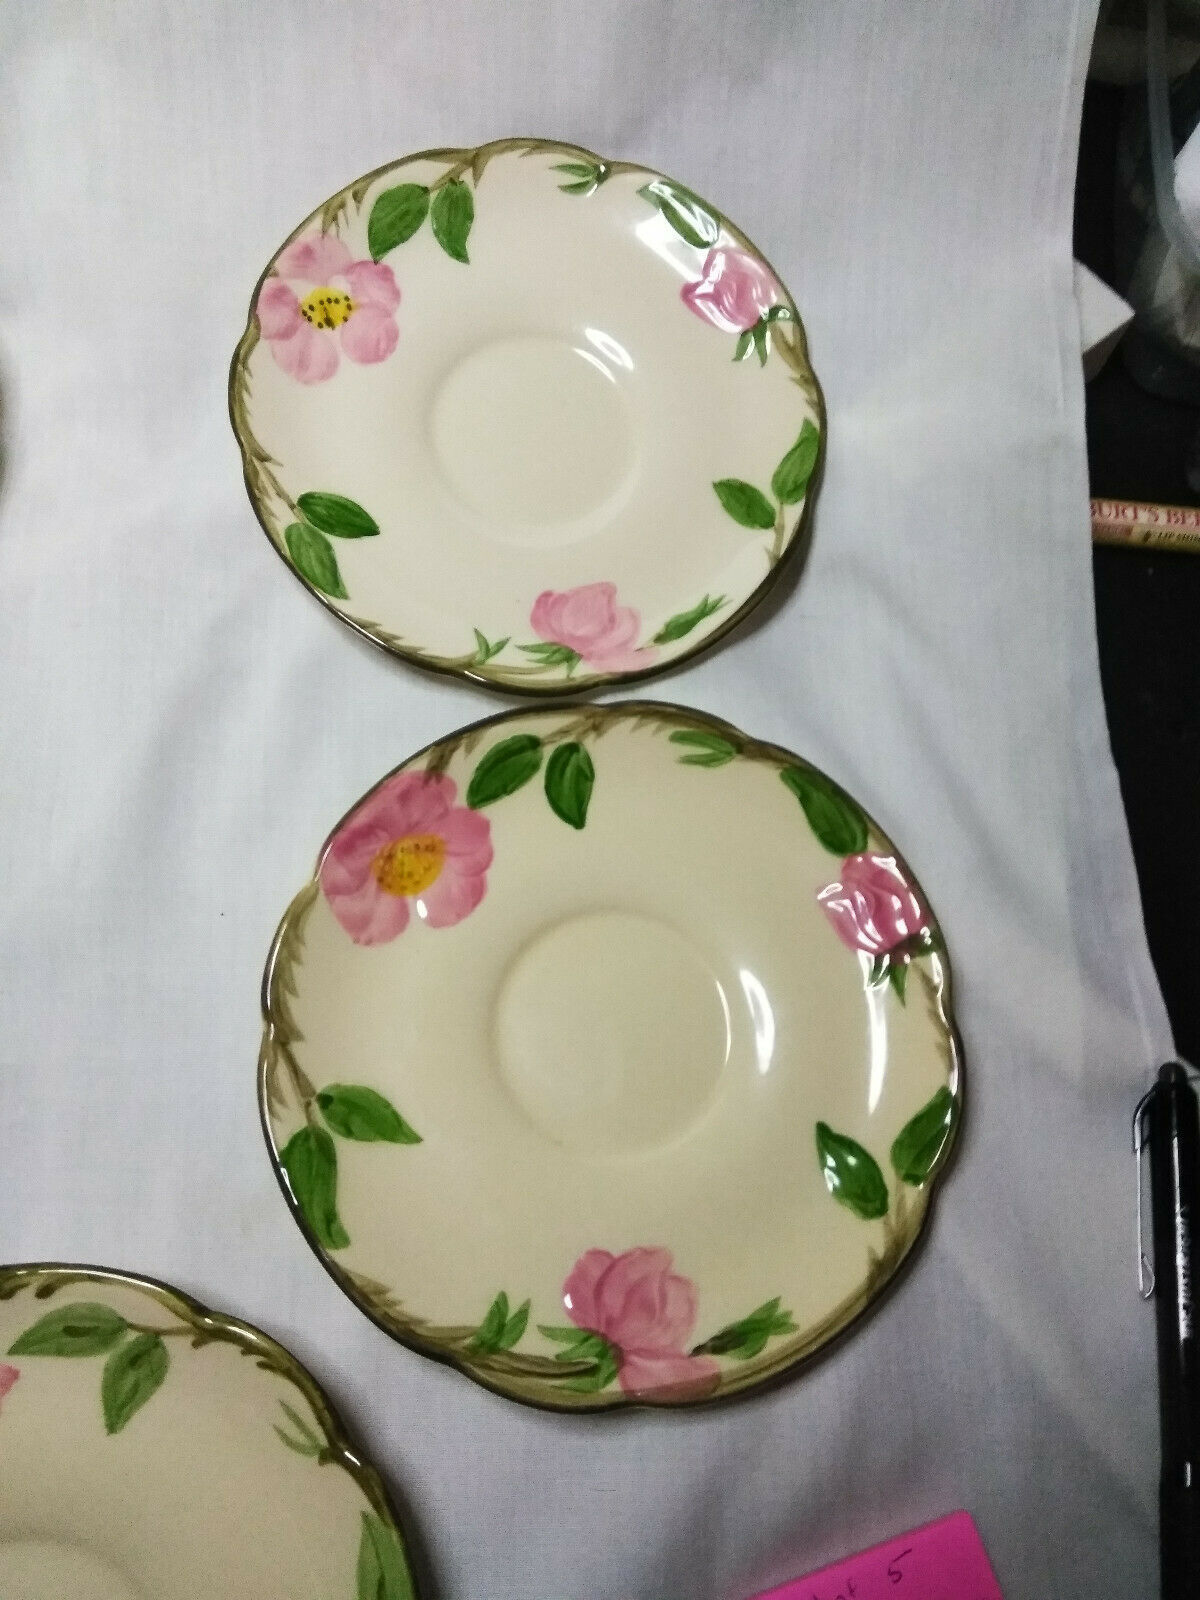 Vintage Franciscan China Desert Rose Set of 5-5.5 inch Saucer Plates